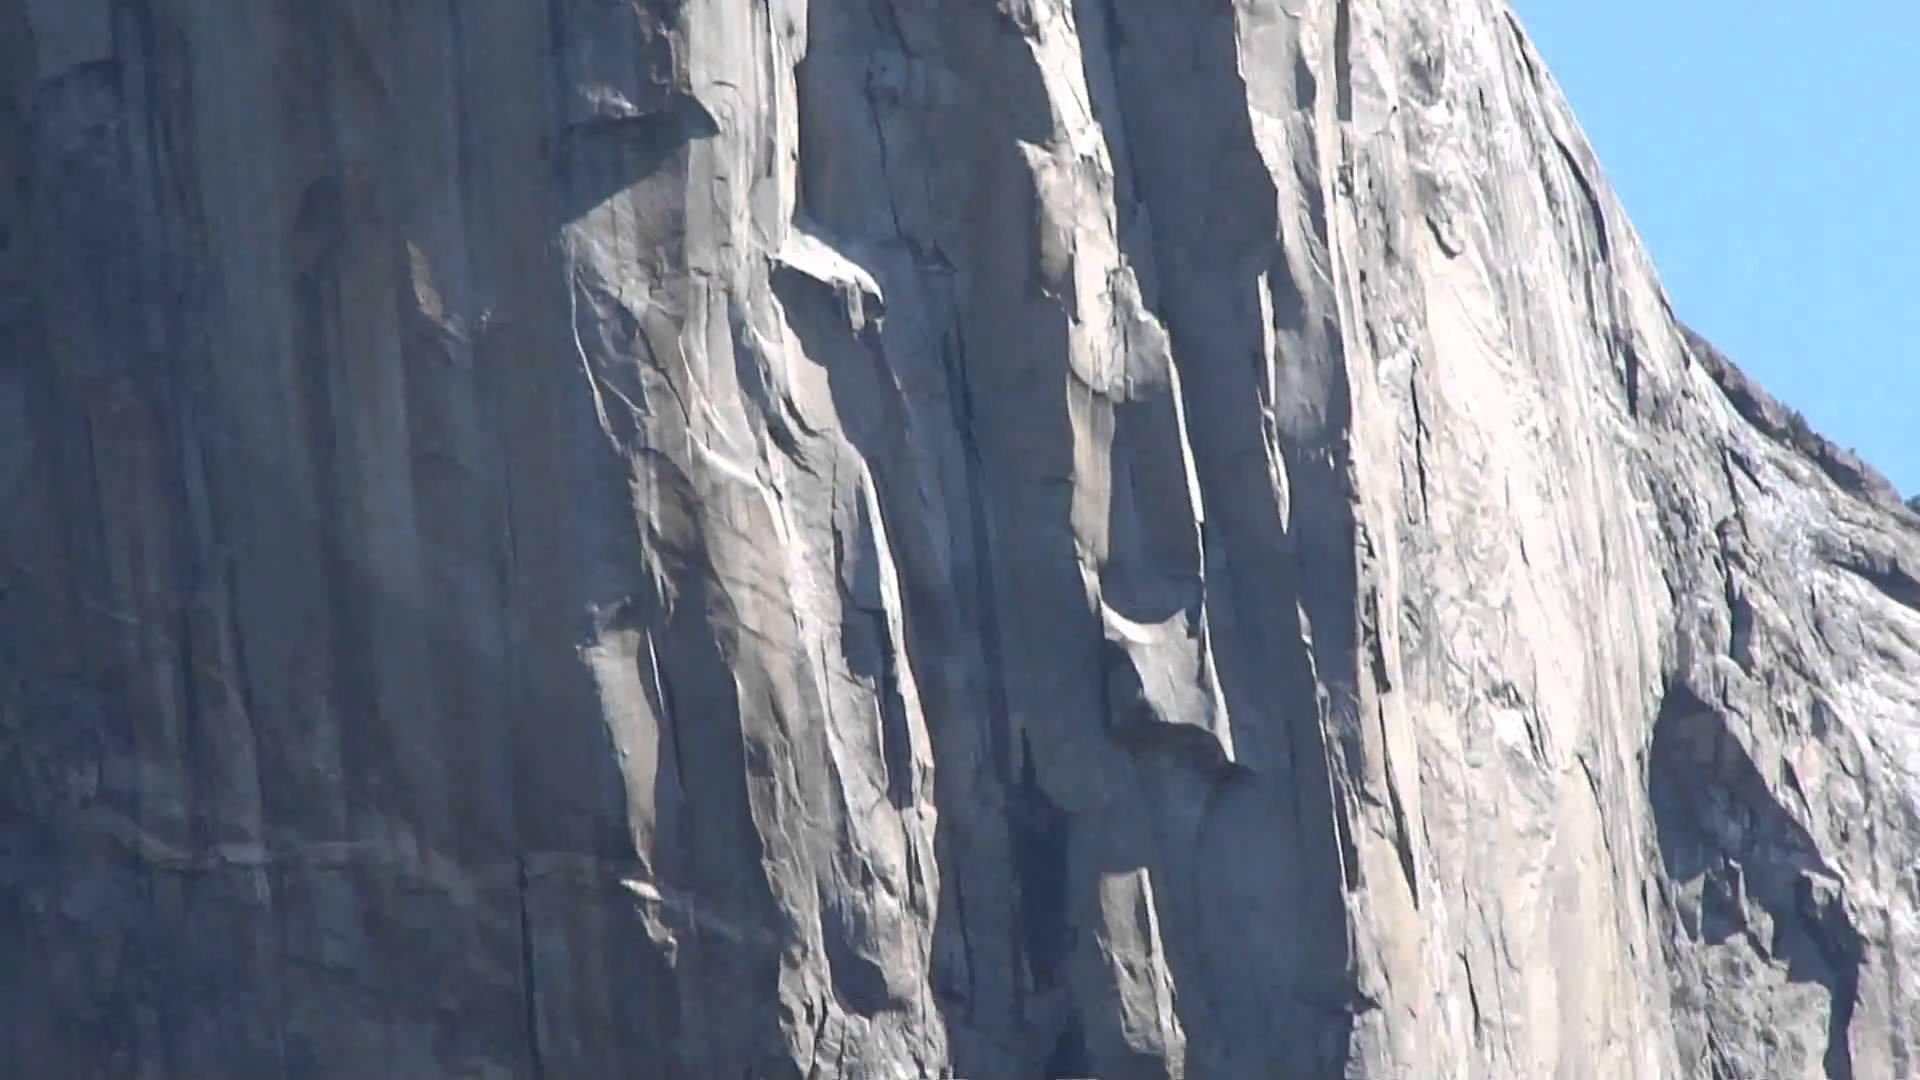 2011年5月1日のヨセミテ国立公園でキャンプ #ヨセミテ国立公園 観光 #Yosemite #followme